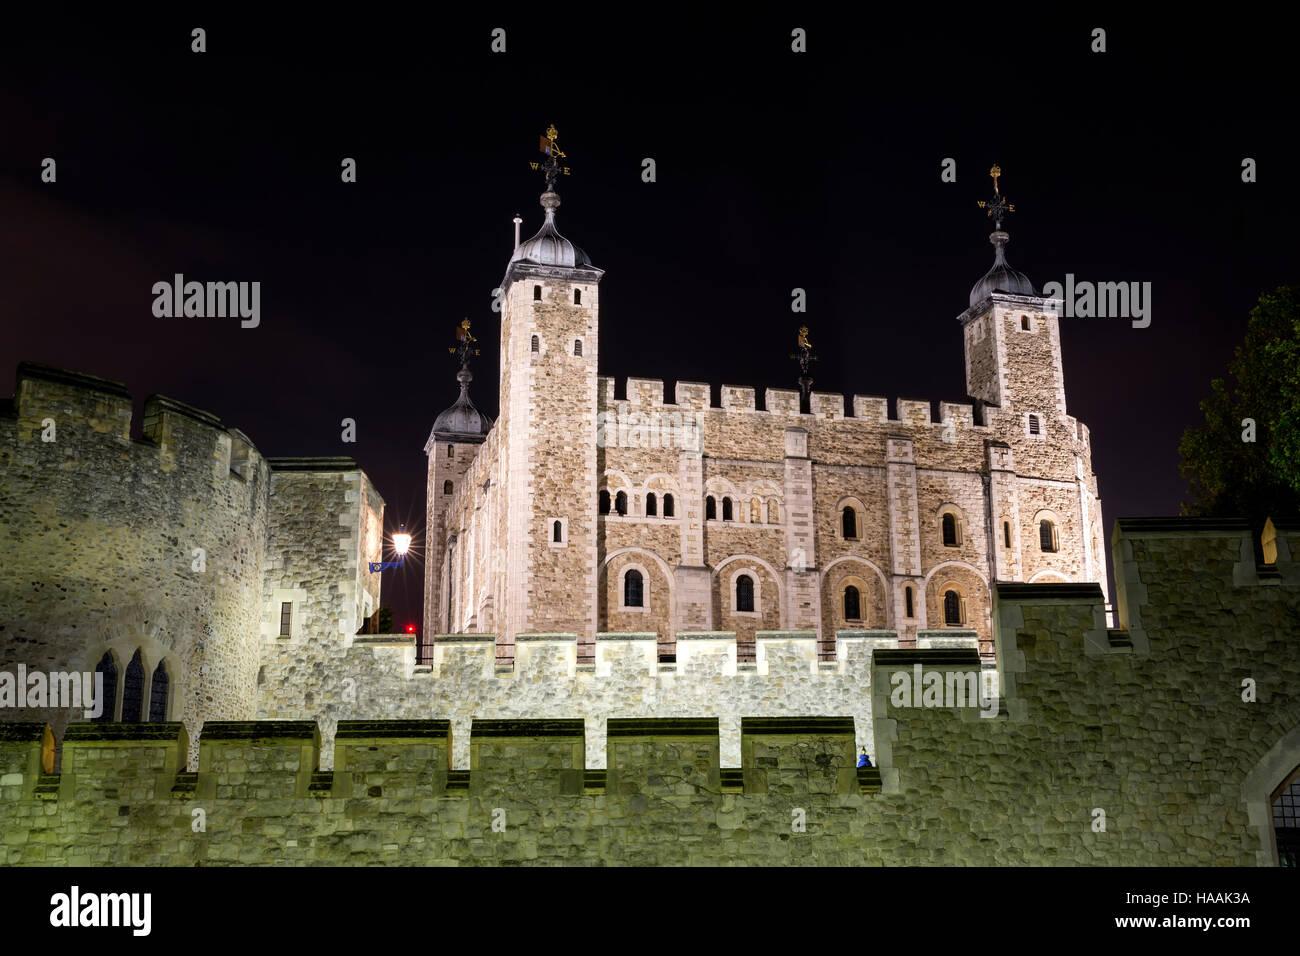 Tour de Londres - Partie de l'Historic Royal Palaces, les Joyaux de la couronne du boîtier illustré dans la nuit. Banque D'Images